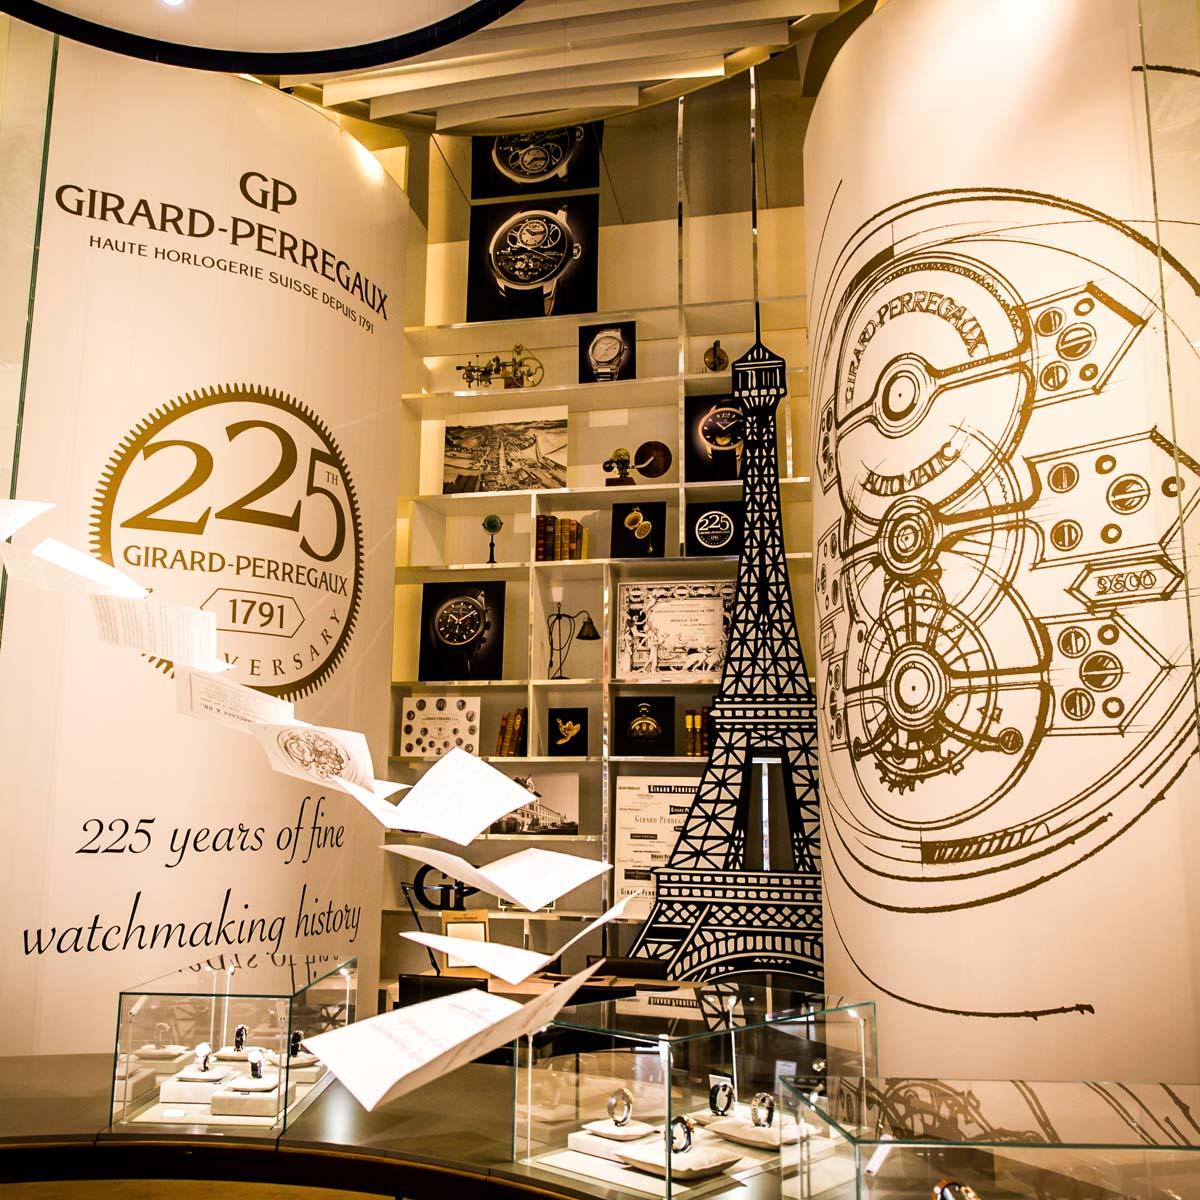 La Cote des Montres : Photo - Girard-Perregaux présente une exposition exclusive au Printemps du Louvre